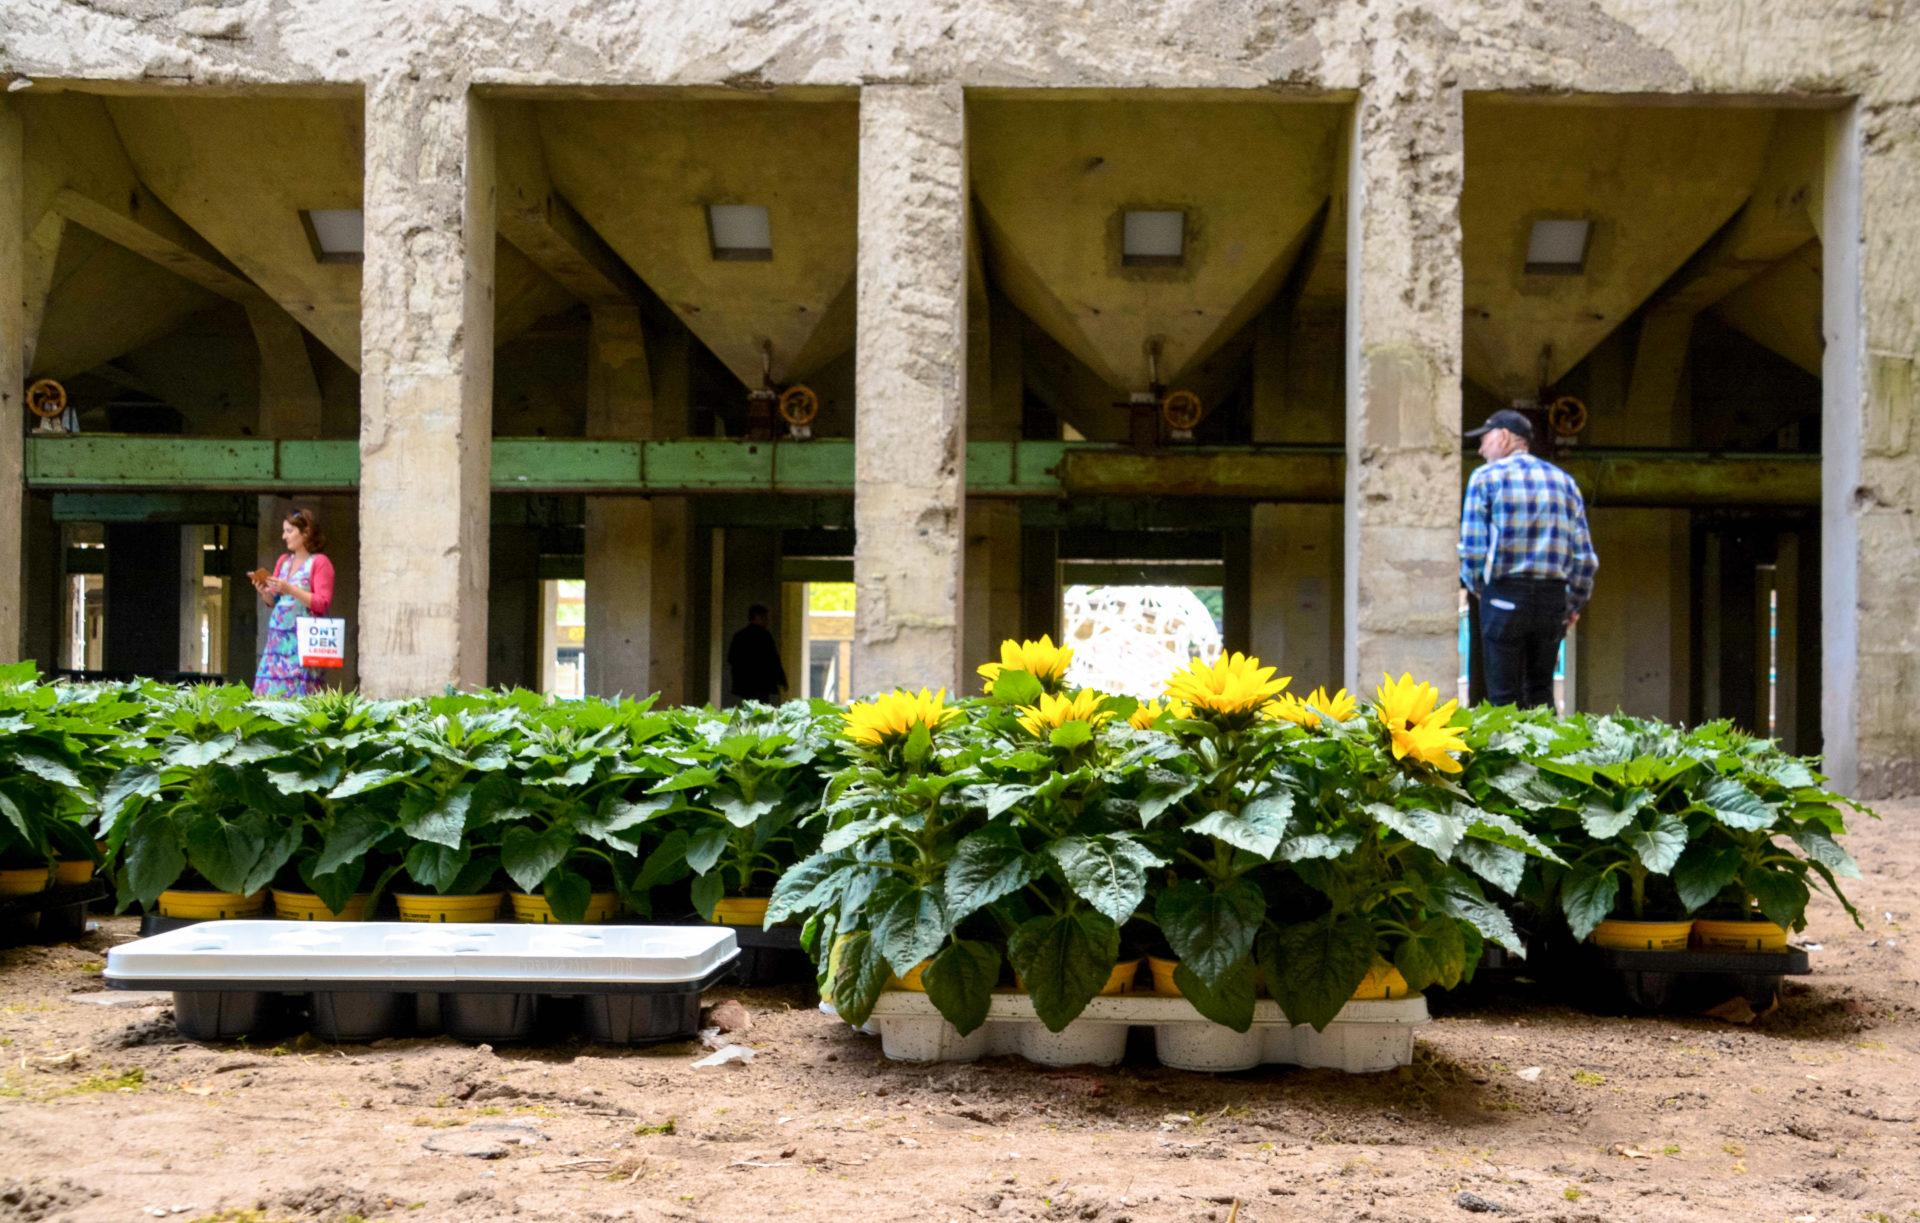 Blumen gehören zu den Top-Attraktionen in Leiden